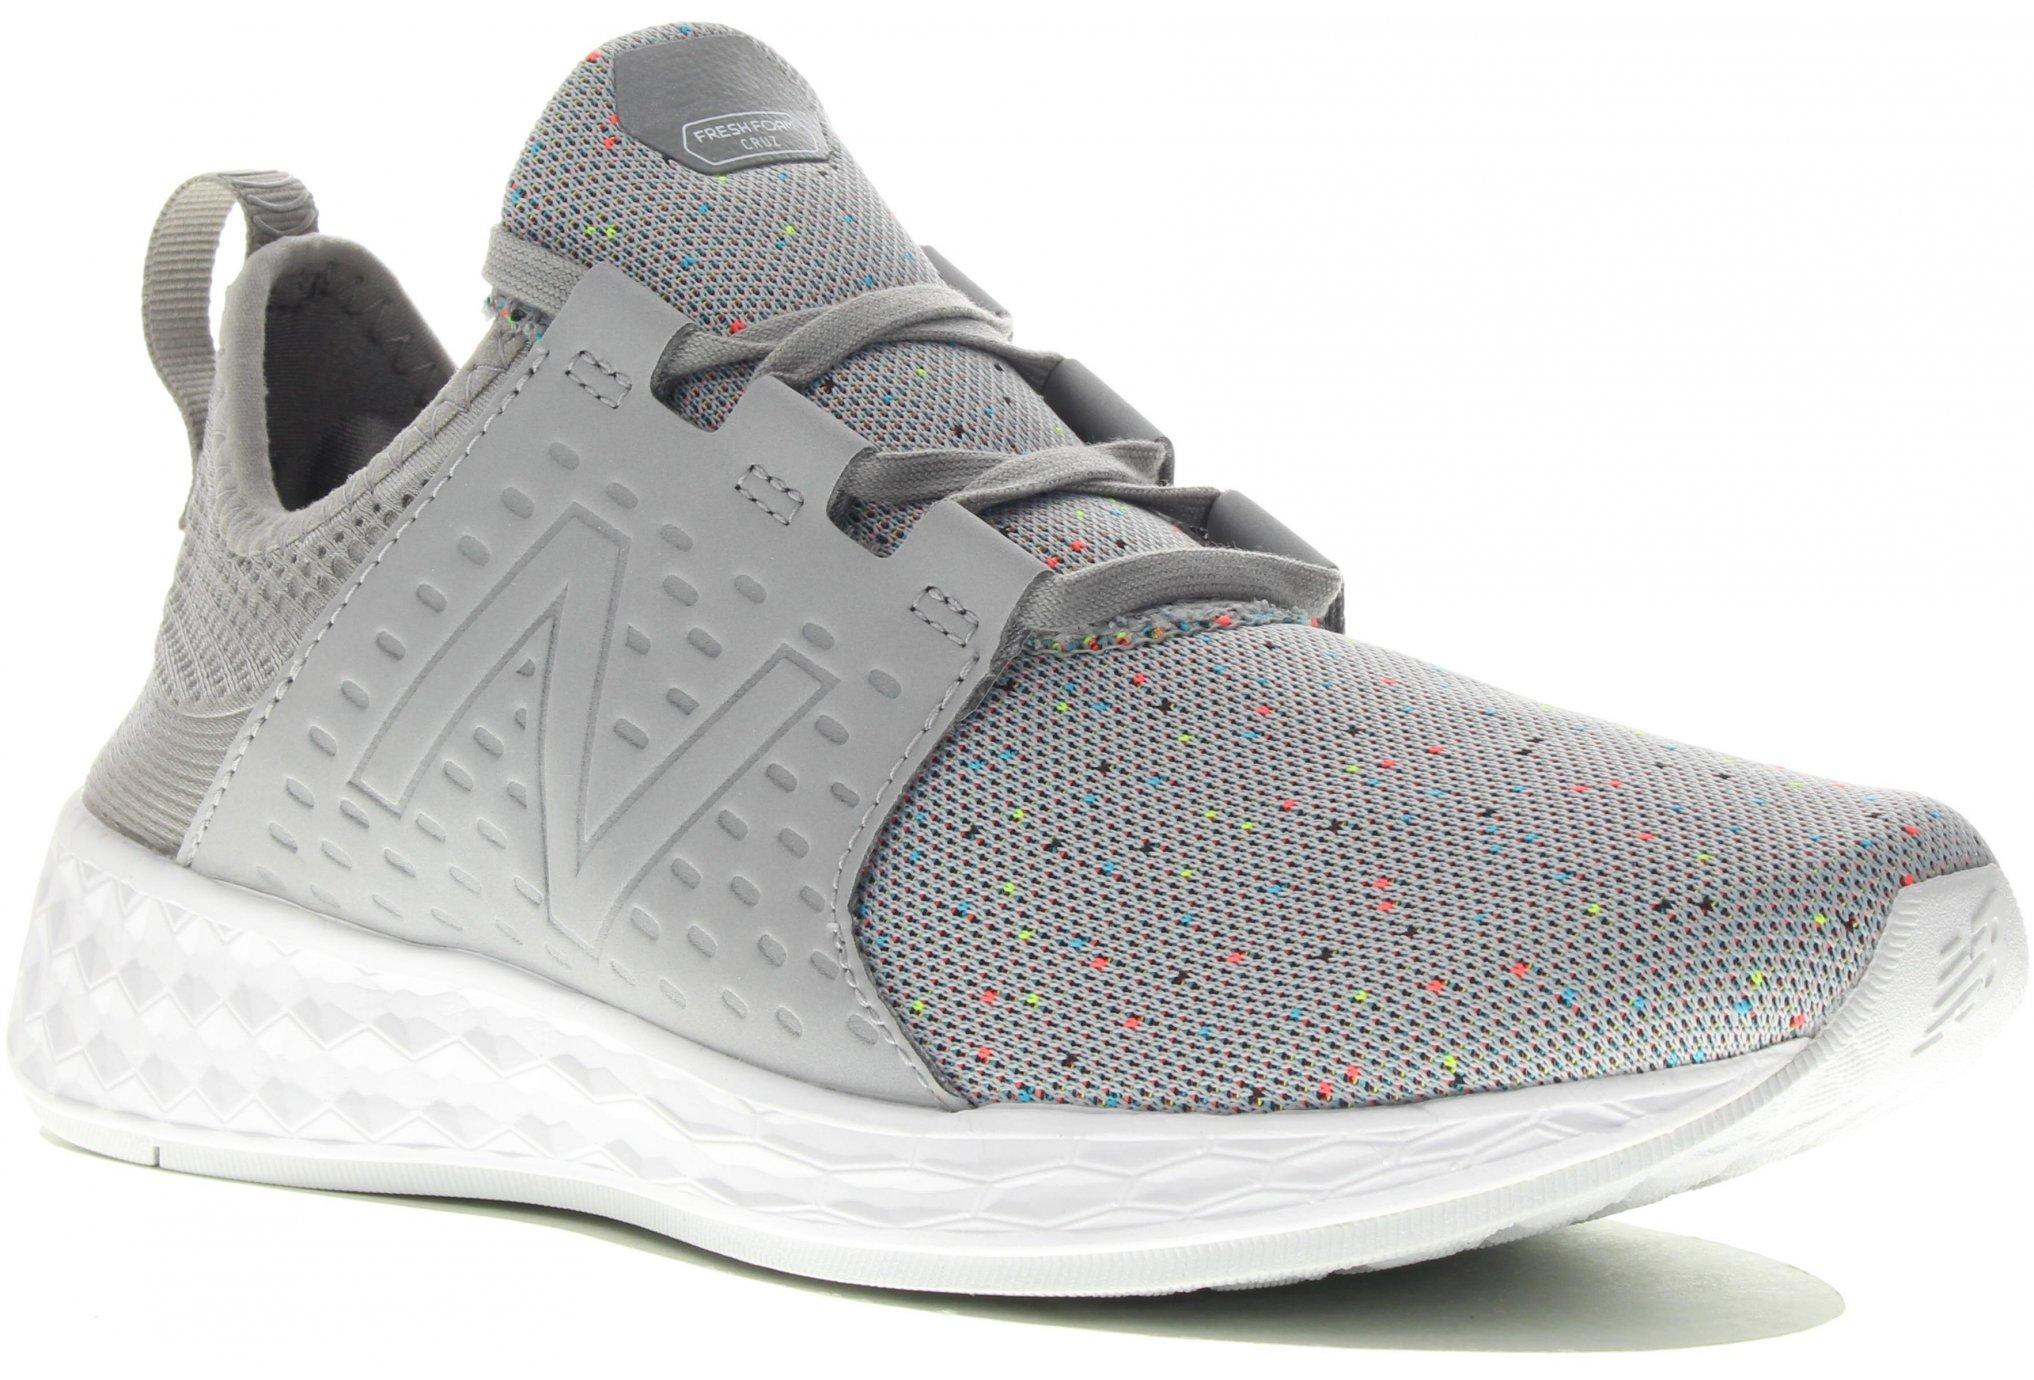 New Balance Fresh Foam Cruz Retro Hoodie W Chaussures running femme